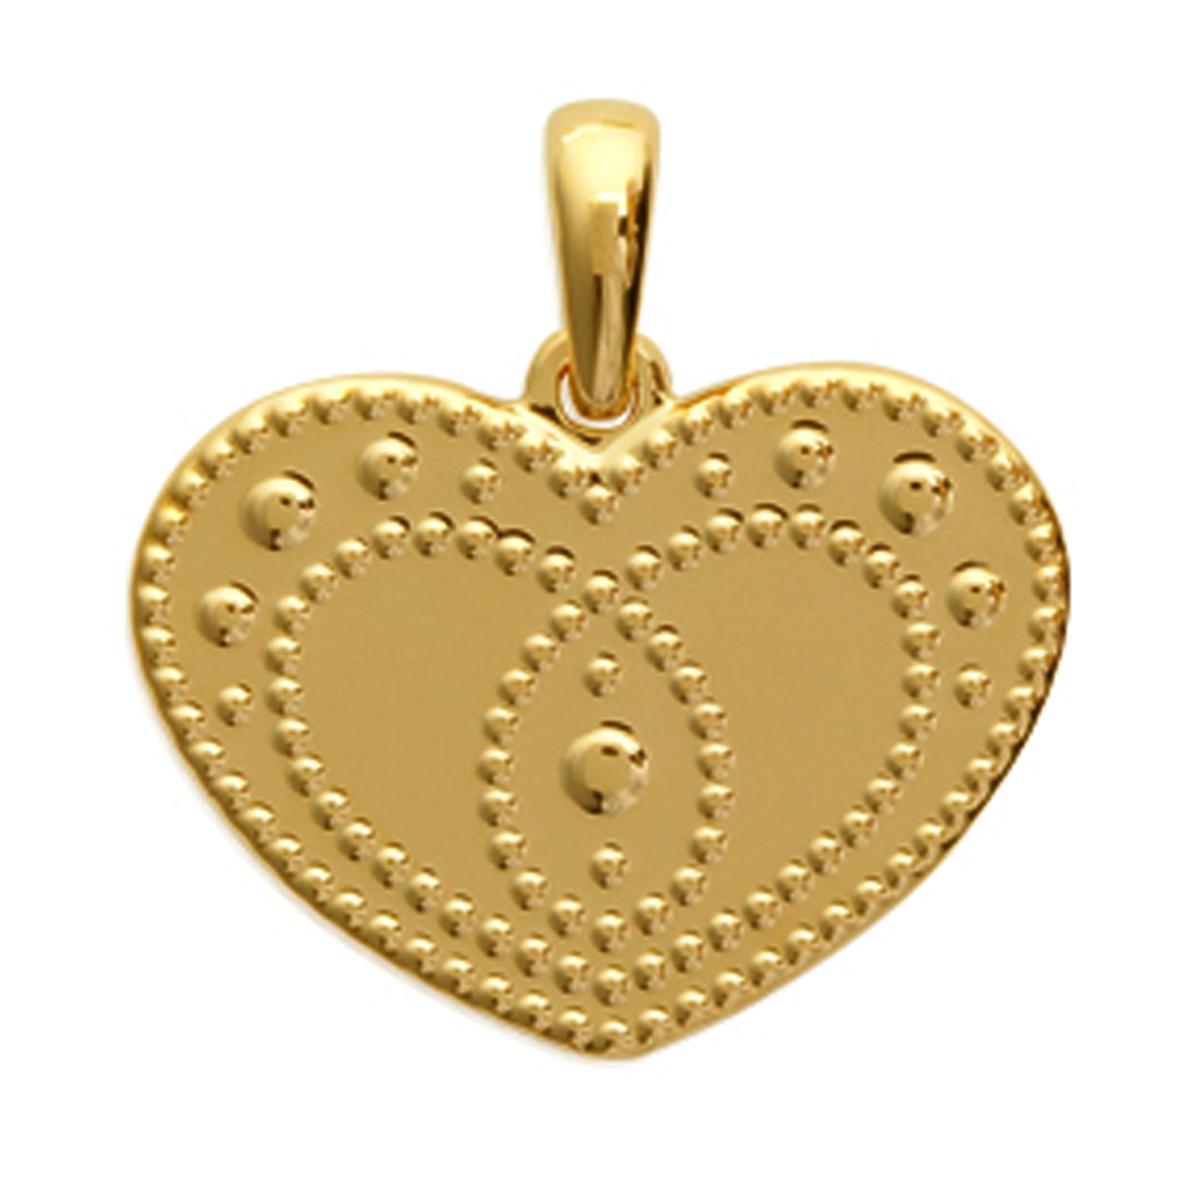 Pendentif Plaqué Or \'Love\' doré - 19x14 mm - [J9601]